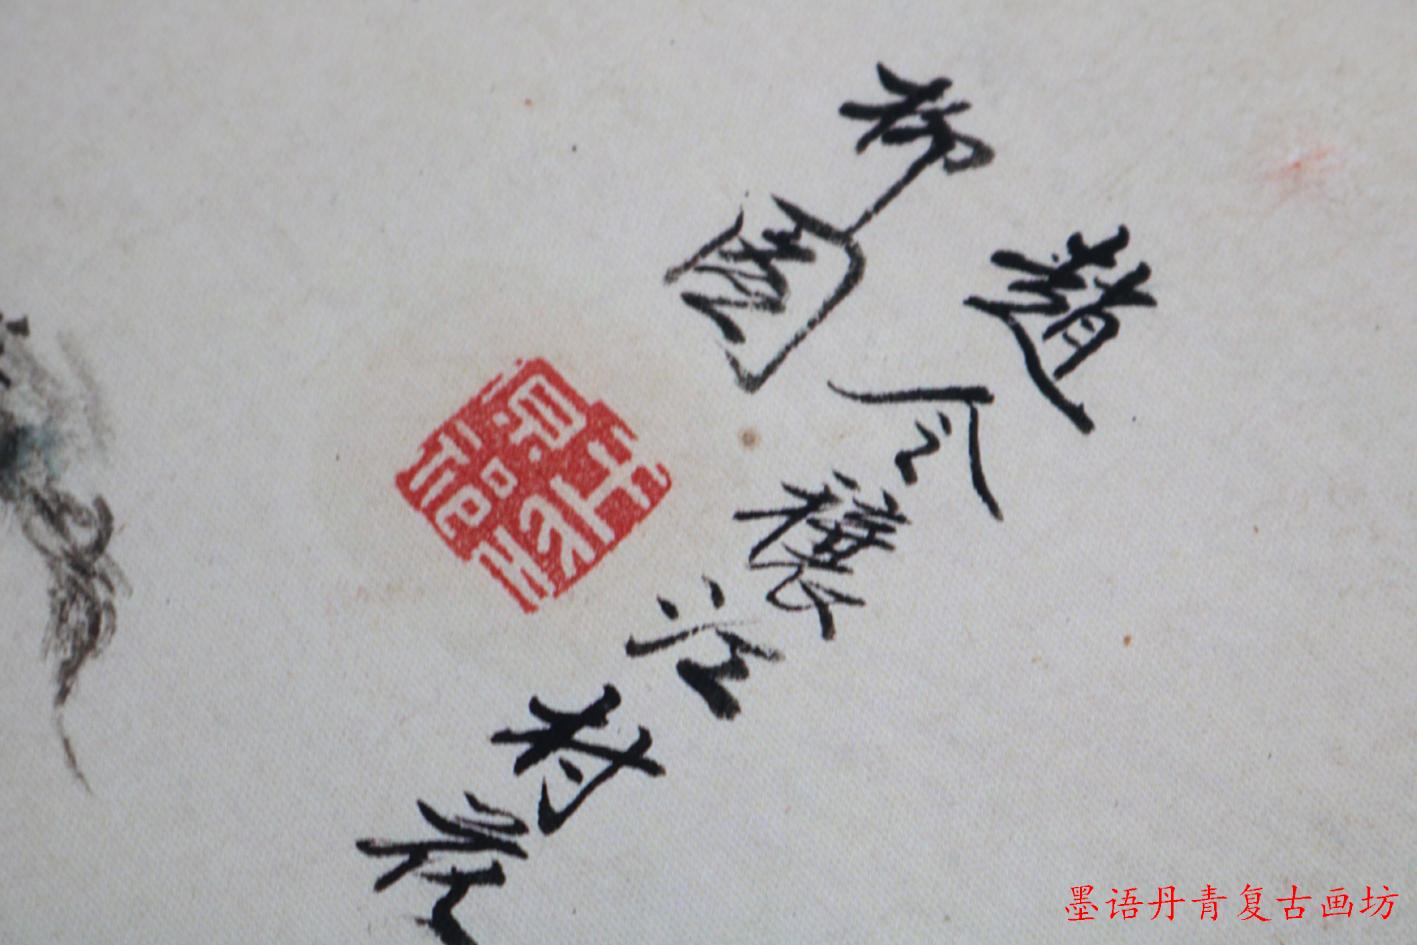 國畫 清 王原祁仿古山水十二開 高清復制藝術微噴裝飾臨摹27.5X43